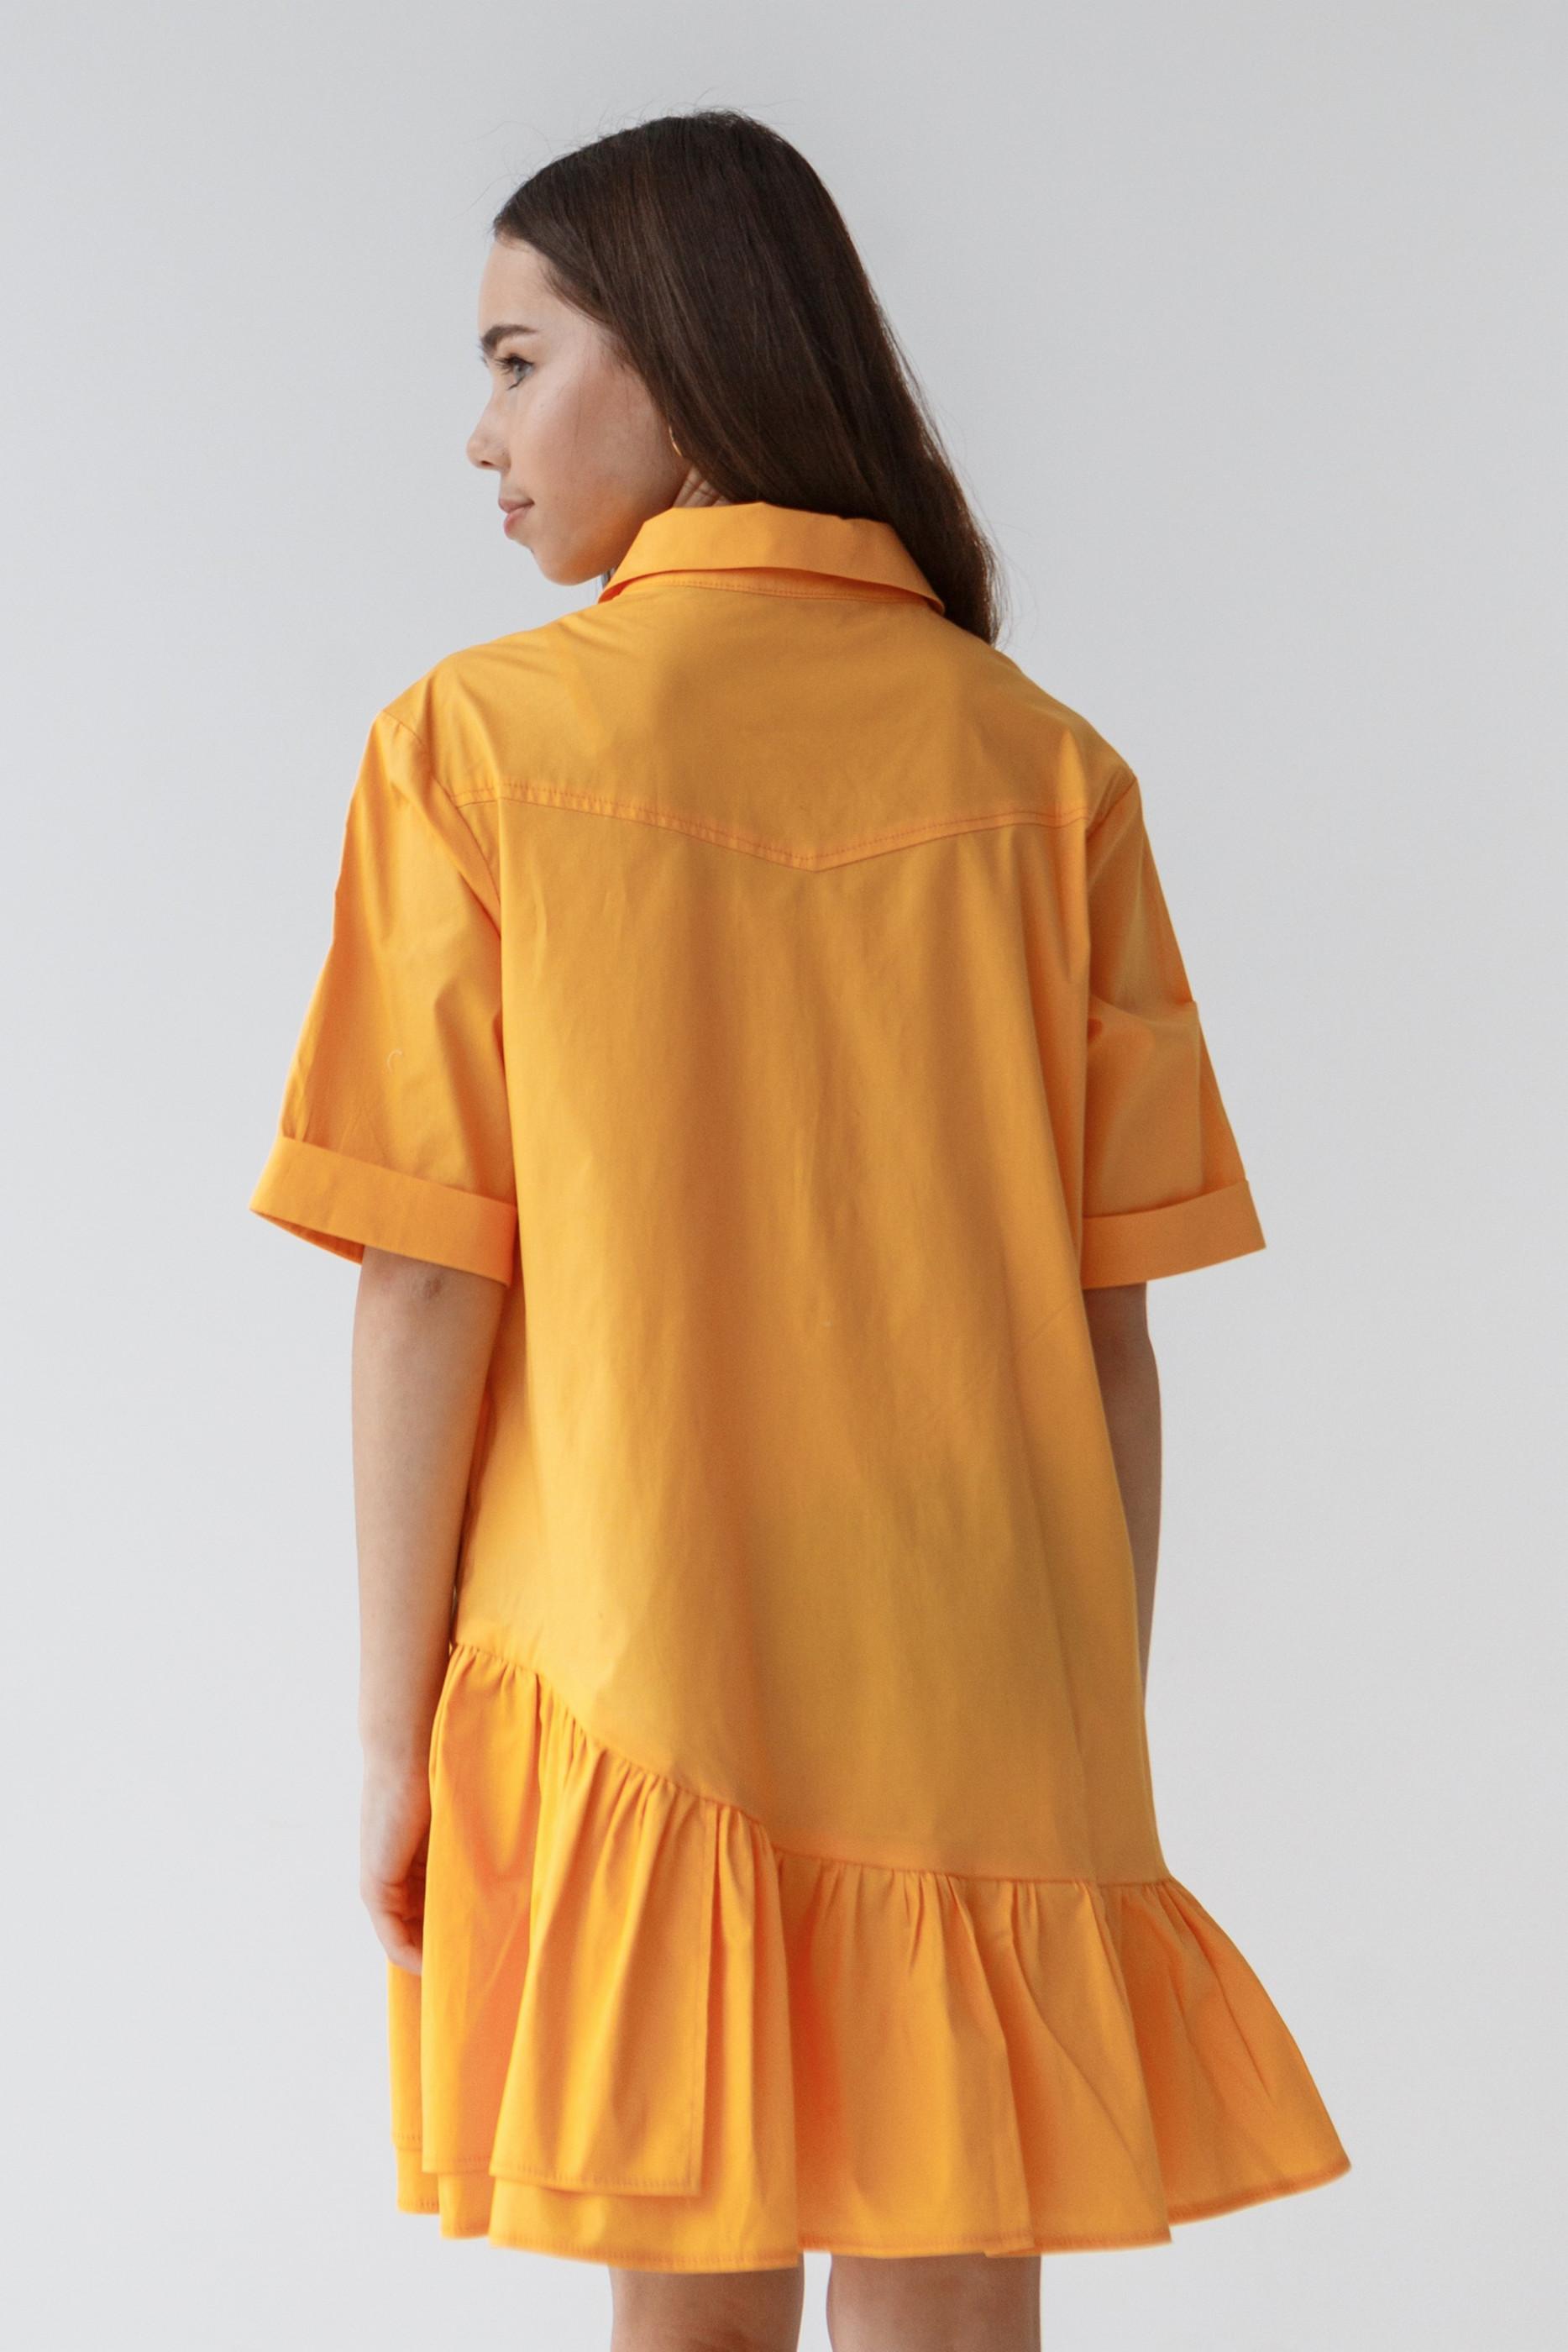 Плаття Елісія, фото №4